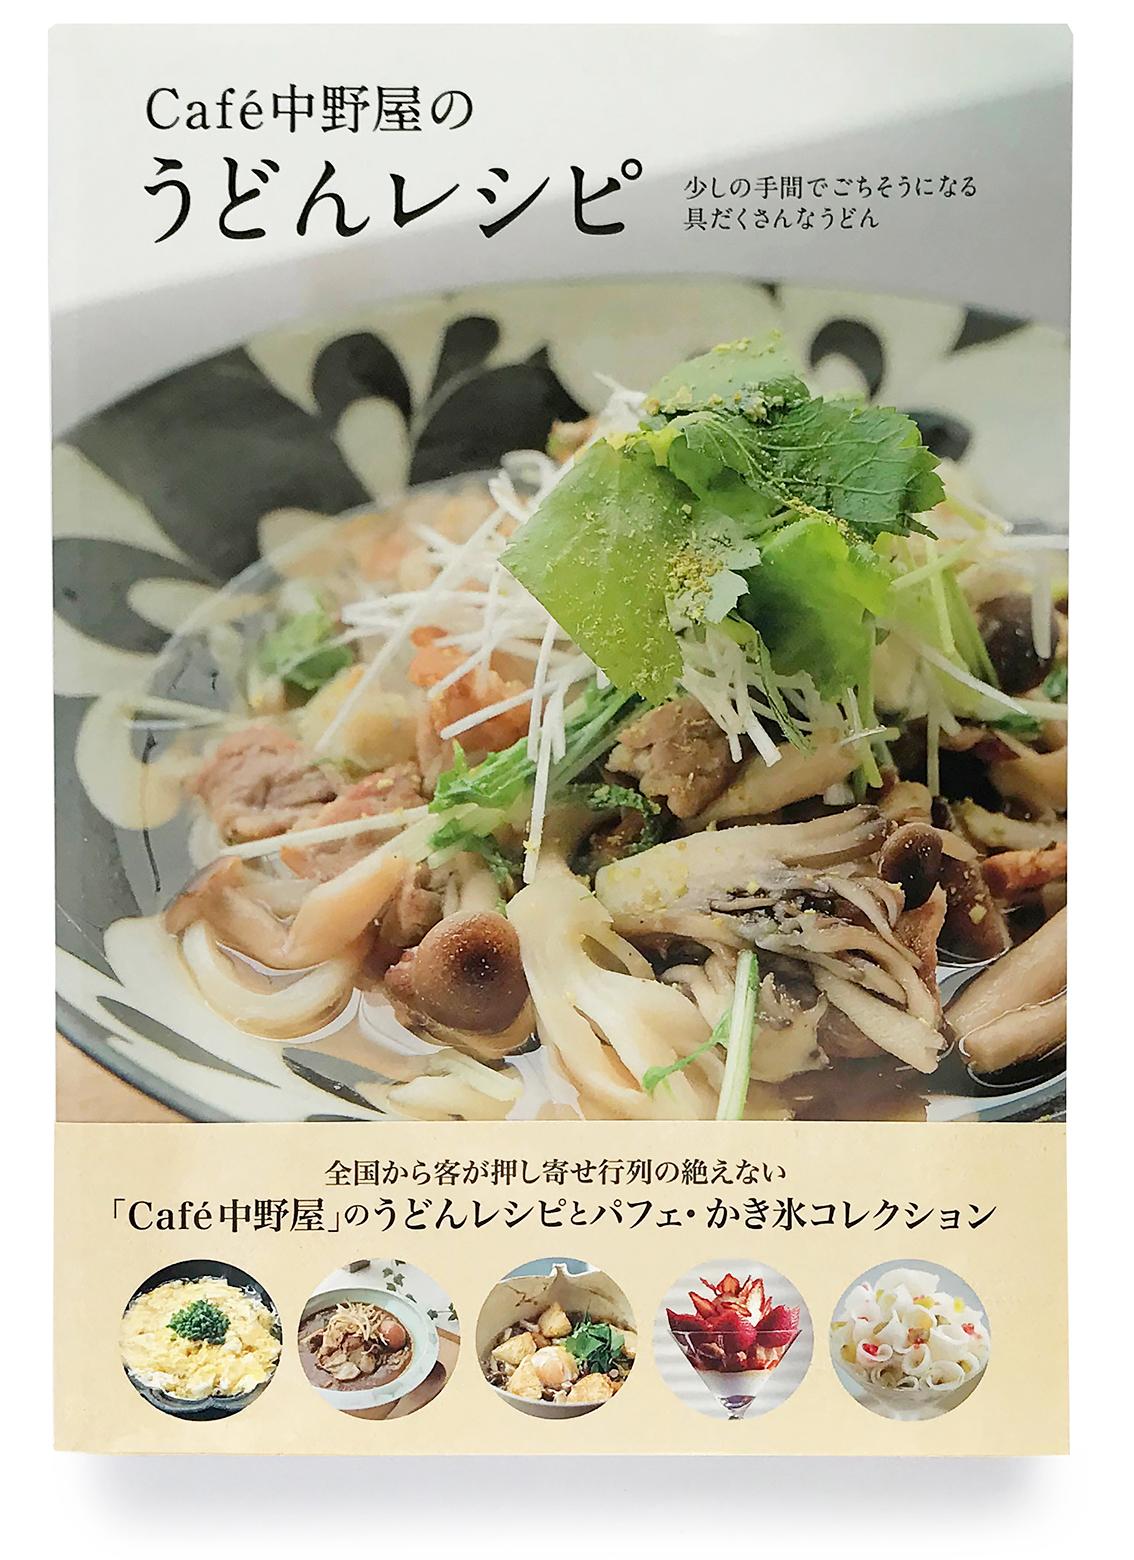 『Café 中野屋のうどんレシピ』